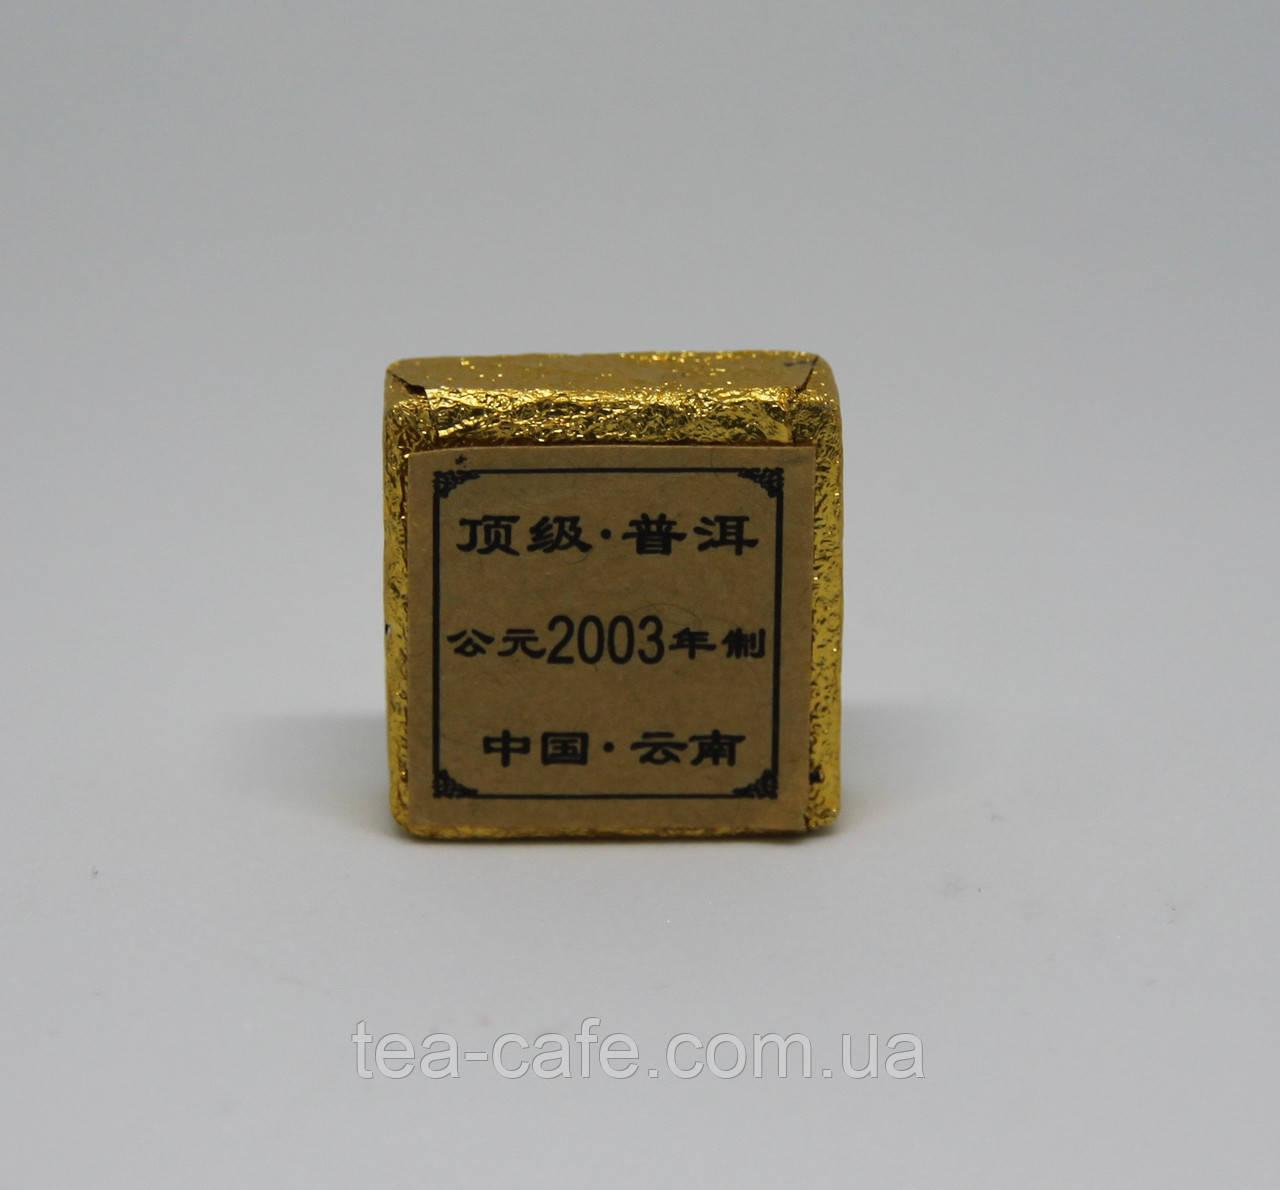 Чай Пуер Шу (чорний 2003р.) порційний 5гр